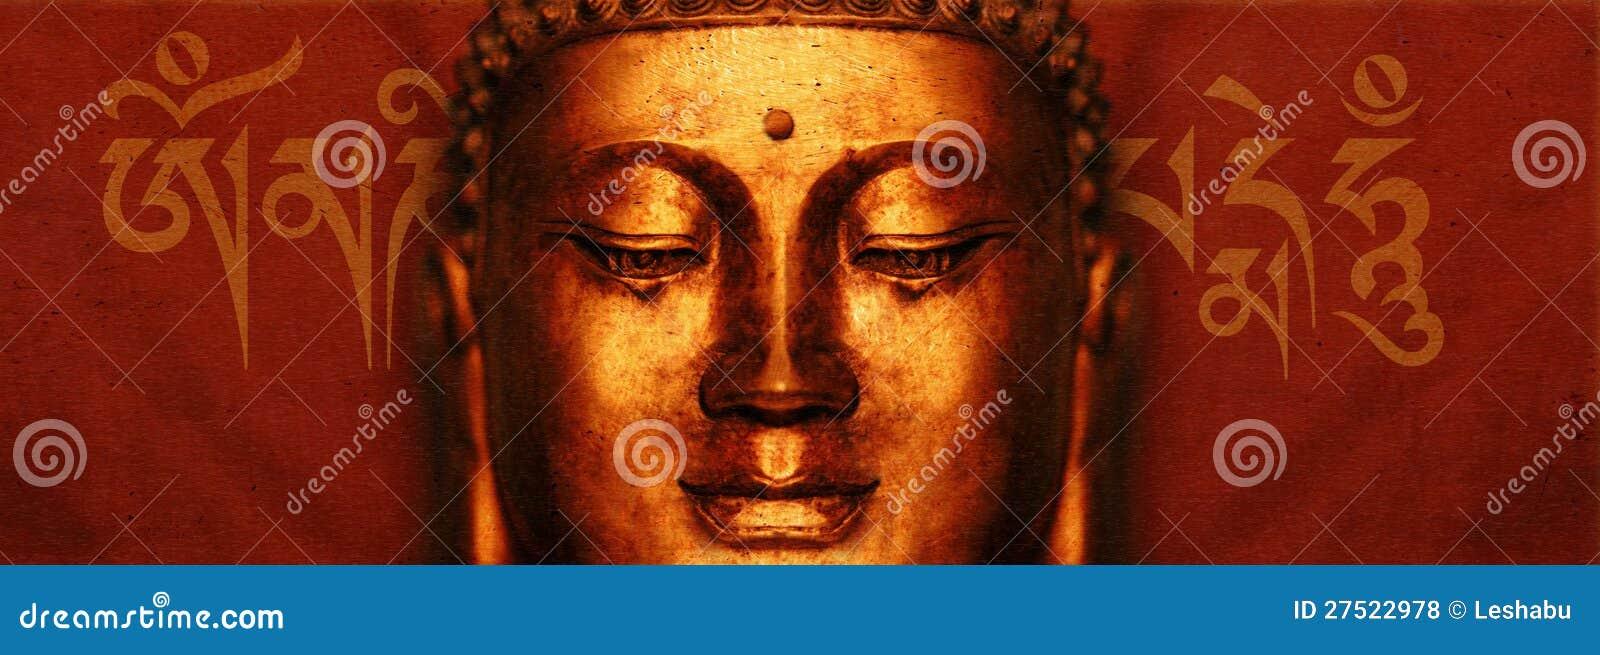 Face de Buddha com mantra